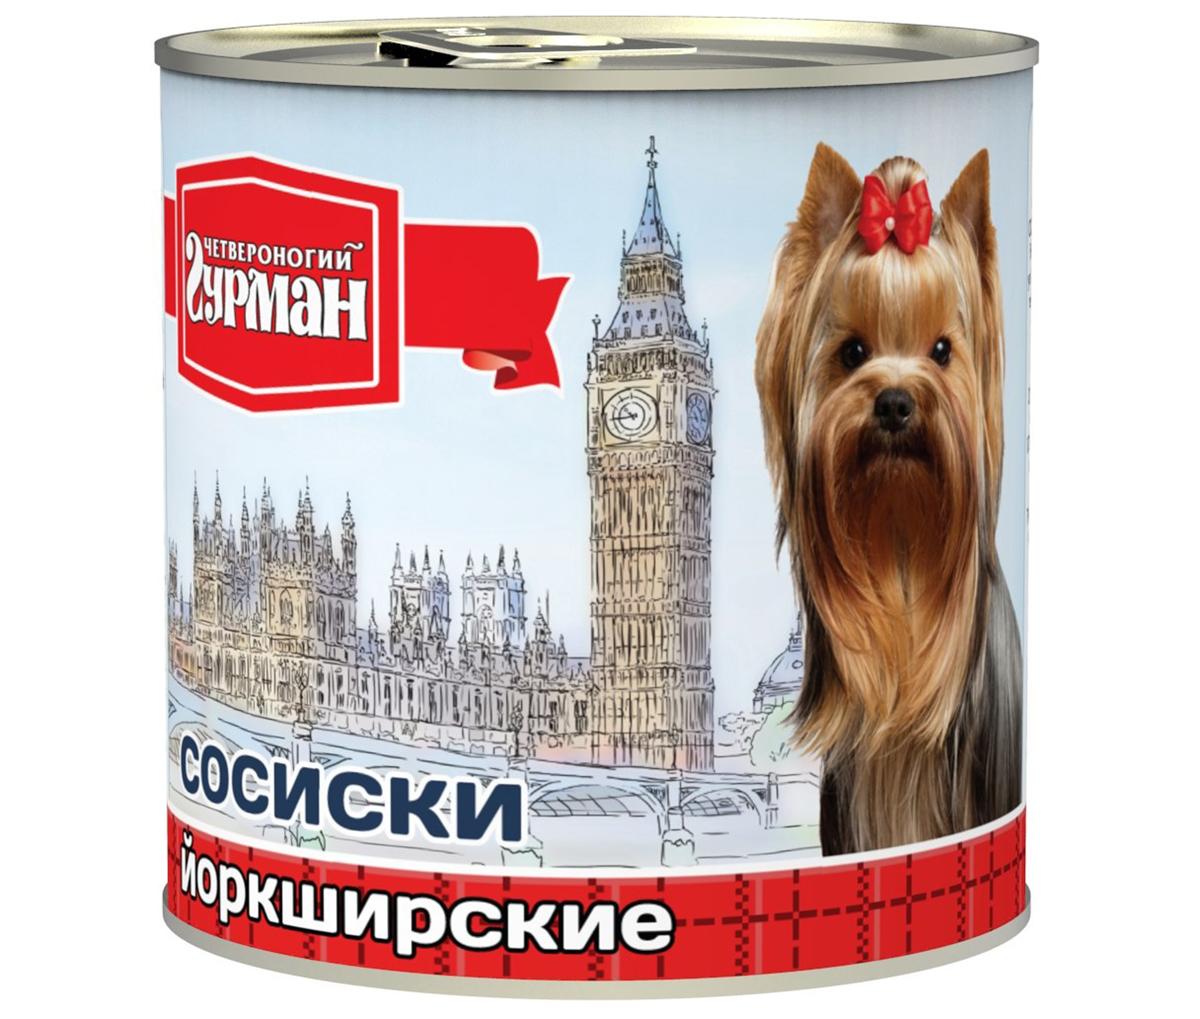 Консервы для собак Четвероногий Гурман Сосиски Йоркширские, 240 г17654Консервы Четвероногий Гурман Сосиски Йоркширские - влажное мясное лакомство для собак. Производится из натурального мяса и субпродуктов. Также в состав входит вкусный и ароматный куриный бульон. Сосиски можно использовать для дрессировки и при желании поощрить или побаловать питомца. Корм производится по новейшей технологии на современном оборудовании, что позволяет строго следить за его качеством. Специальная щадящая технология обработки компонентов позволяет сохранить максимальное количество витаминов, микроэлементов и питательных веществ, необходимых любой собаке. Корм производится из высококачественного натурального мяса, без добавления сои, ароматизаторов и красителей, имеет отличный вкус и привлекательный аромат. Консервы Четвероногий Гурман - прекрасное и вкусное дополнение к рациону вашего любимца. Состав: говядина, фарш куриный, субпродукты, молоко сухое обезжиренное, яичный порошок, вода питьевая, соль.Пищевая ценность (в 100 г продукта): протеин 9,8 г, жир 4 г, влага 83,0 г, углеводы 2,2 г, зола 2,0 г. Минеральные вещества (в 100 г продукта): фосфор 0,5 г, кальций 0,6 г.Энергетическая ценность (на 100 г): 84 ккал.Вес: 240 г. Товар сертифицирован.